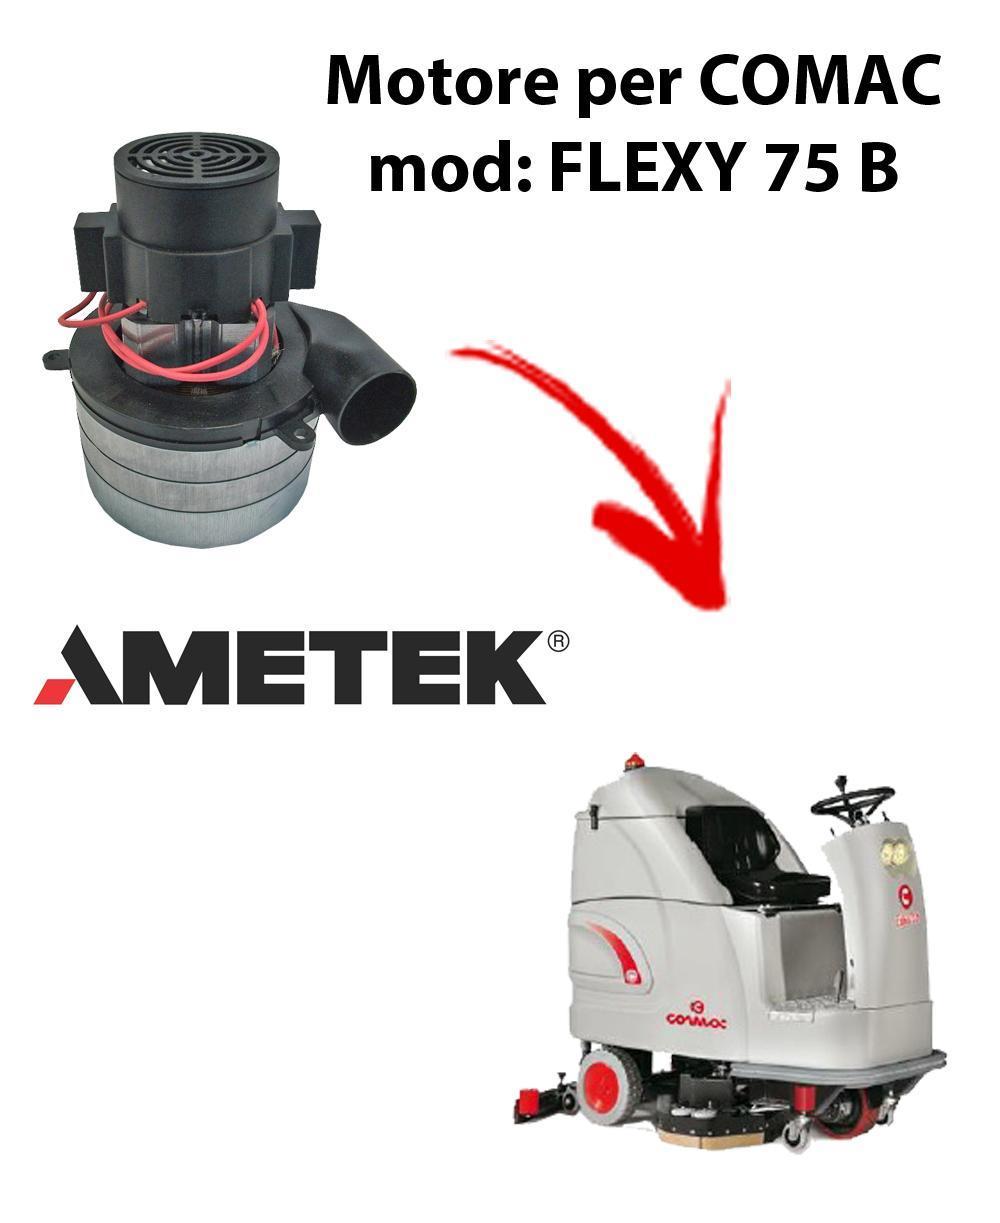 FLEXY 75 B Motore de aspiración Ametek Italia  para fregadora Comac